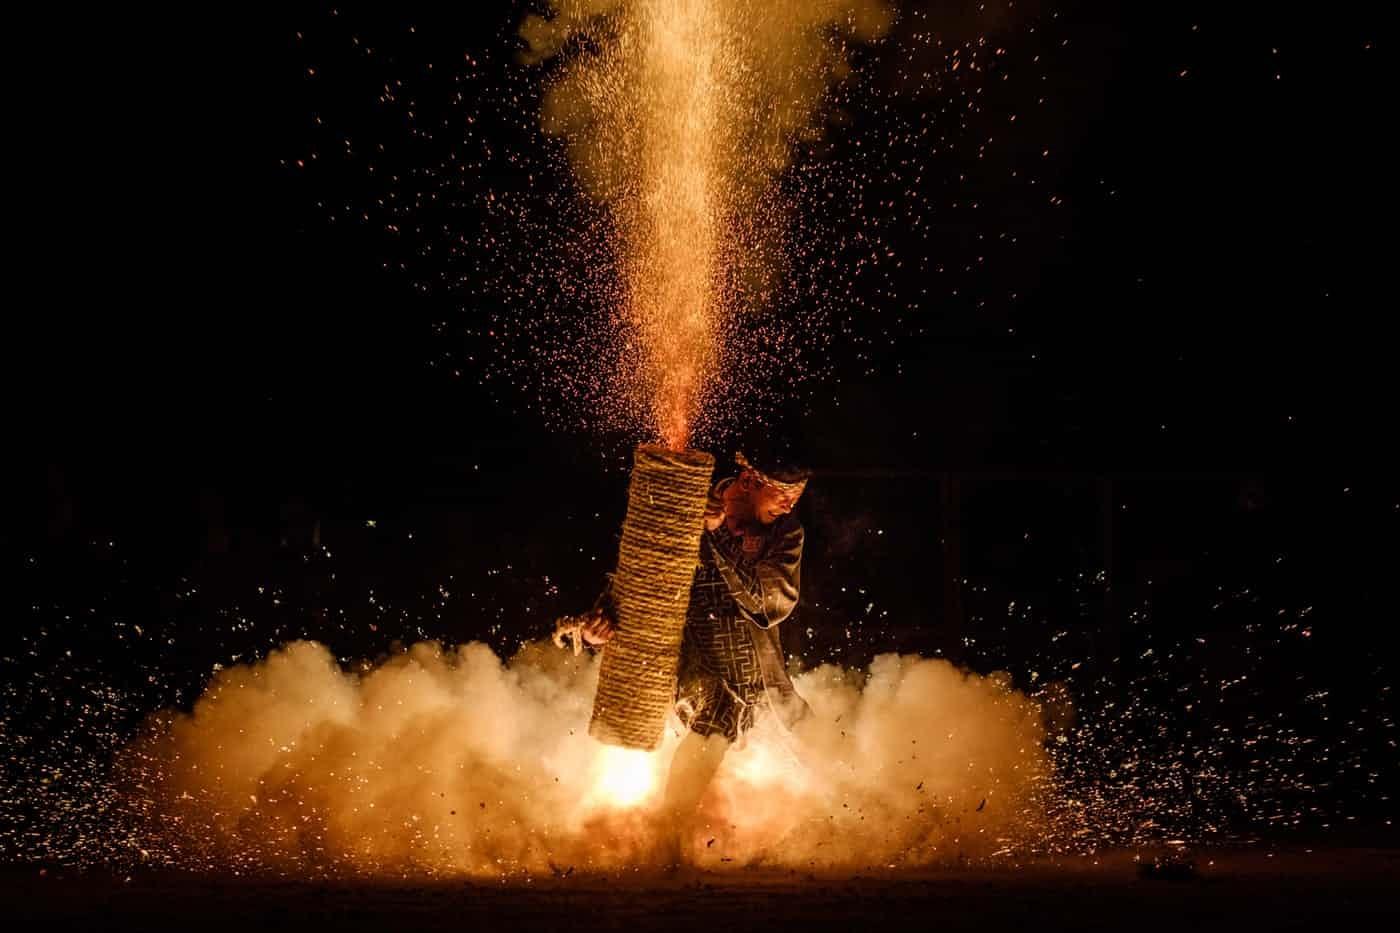 عکس روز: آتشبازی در معبد